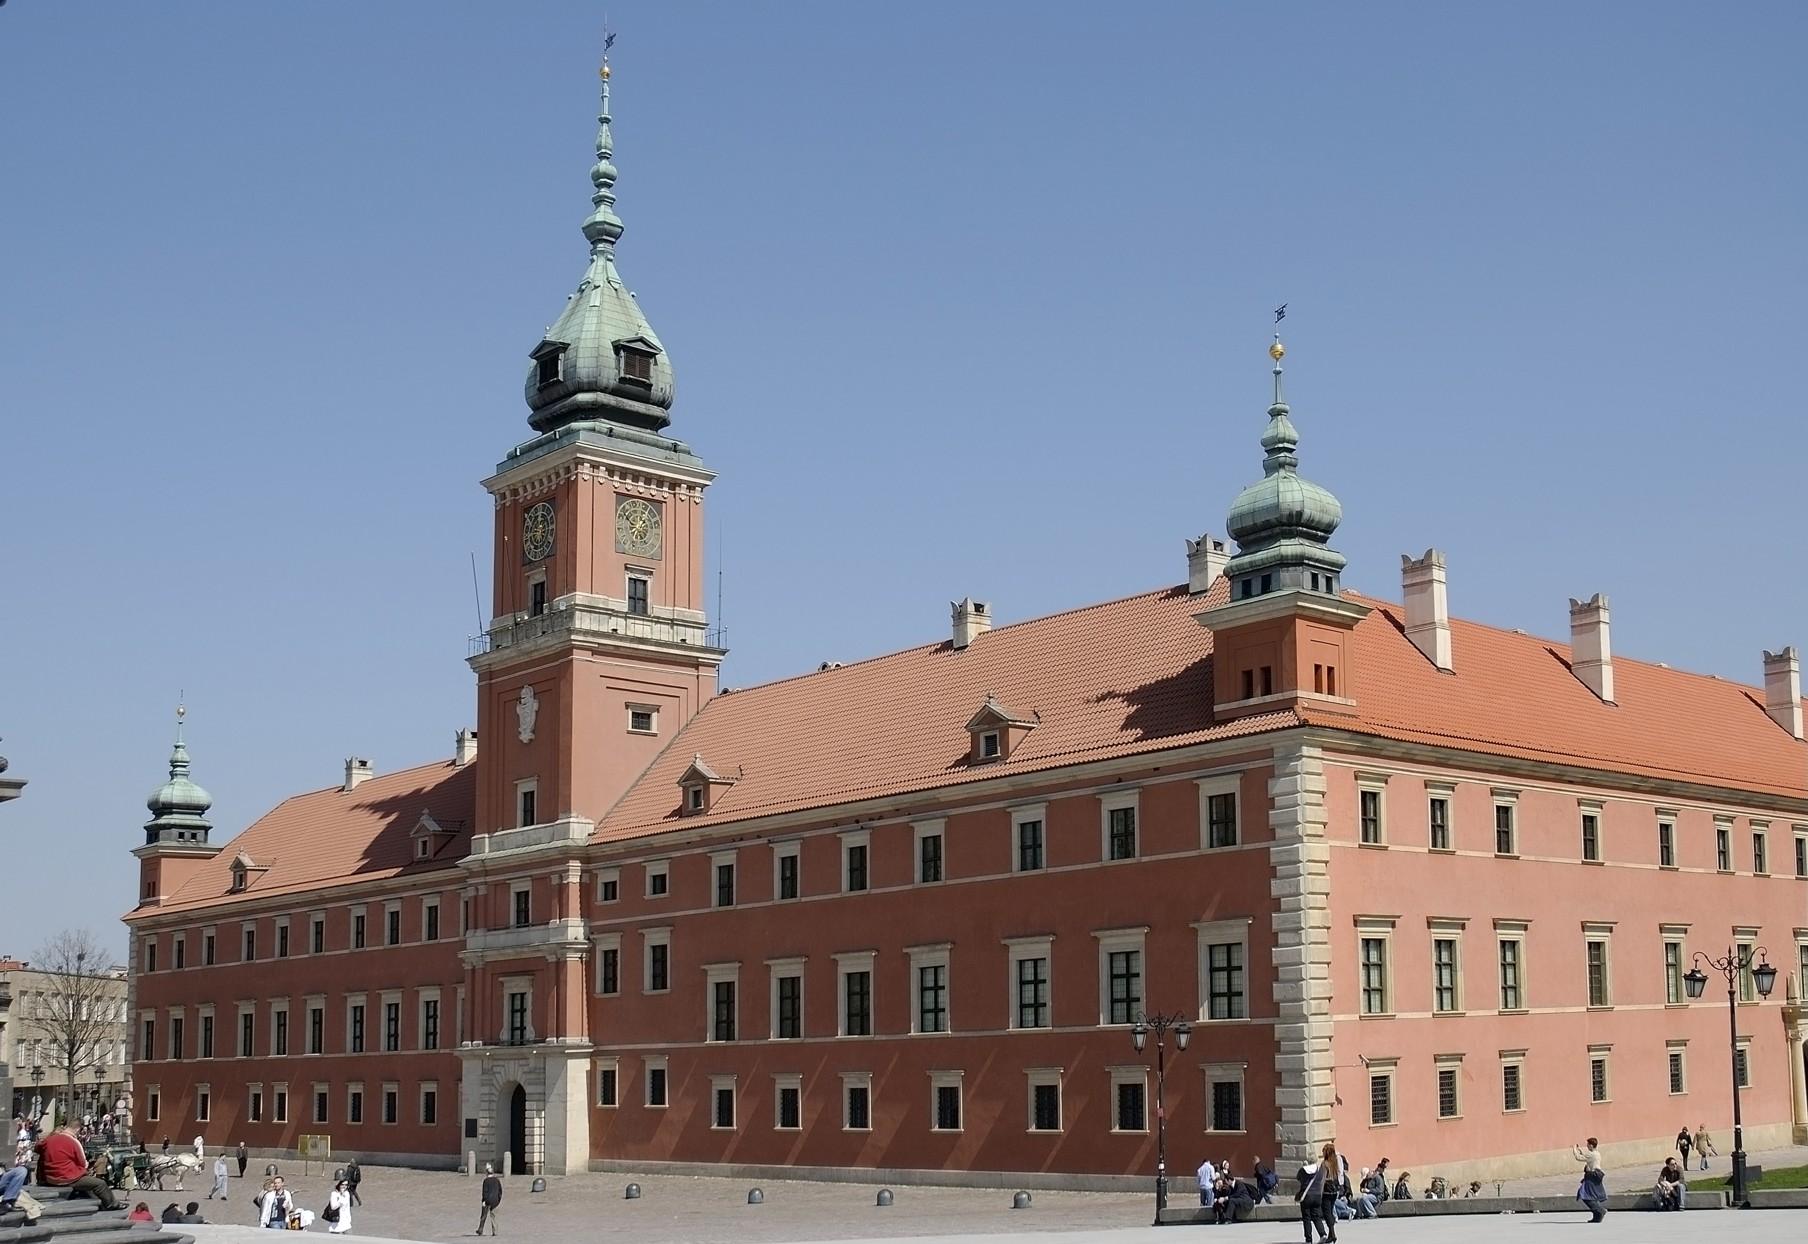 01.-Zamek-Krolewski-w-Warszawie-2008-fot.-A.-Ring (1)